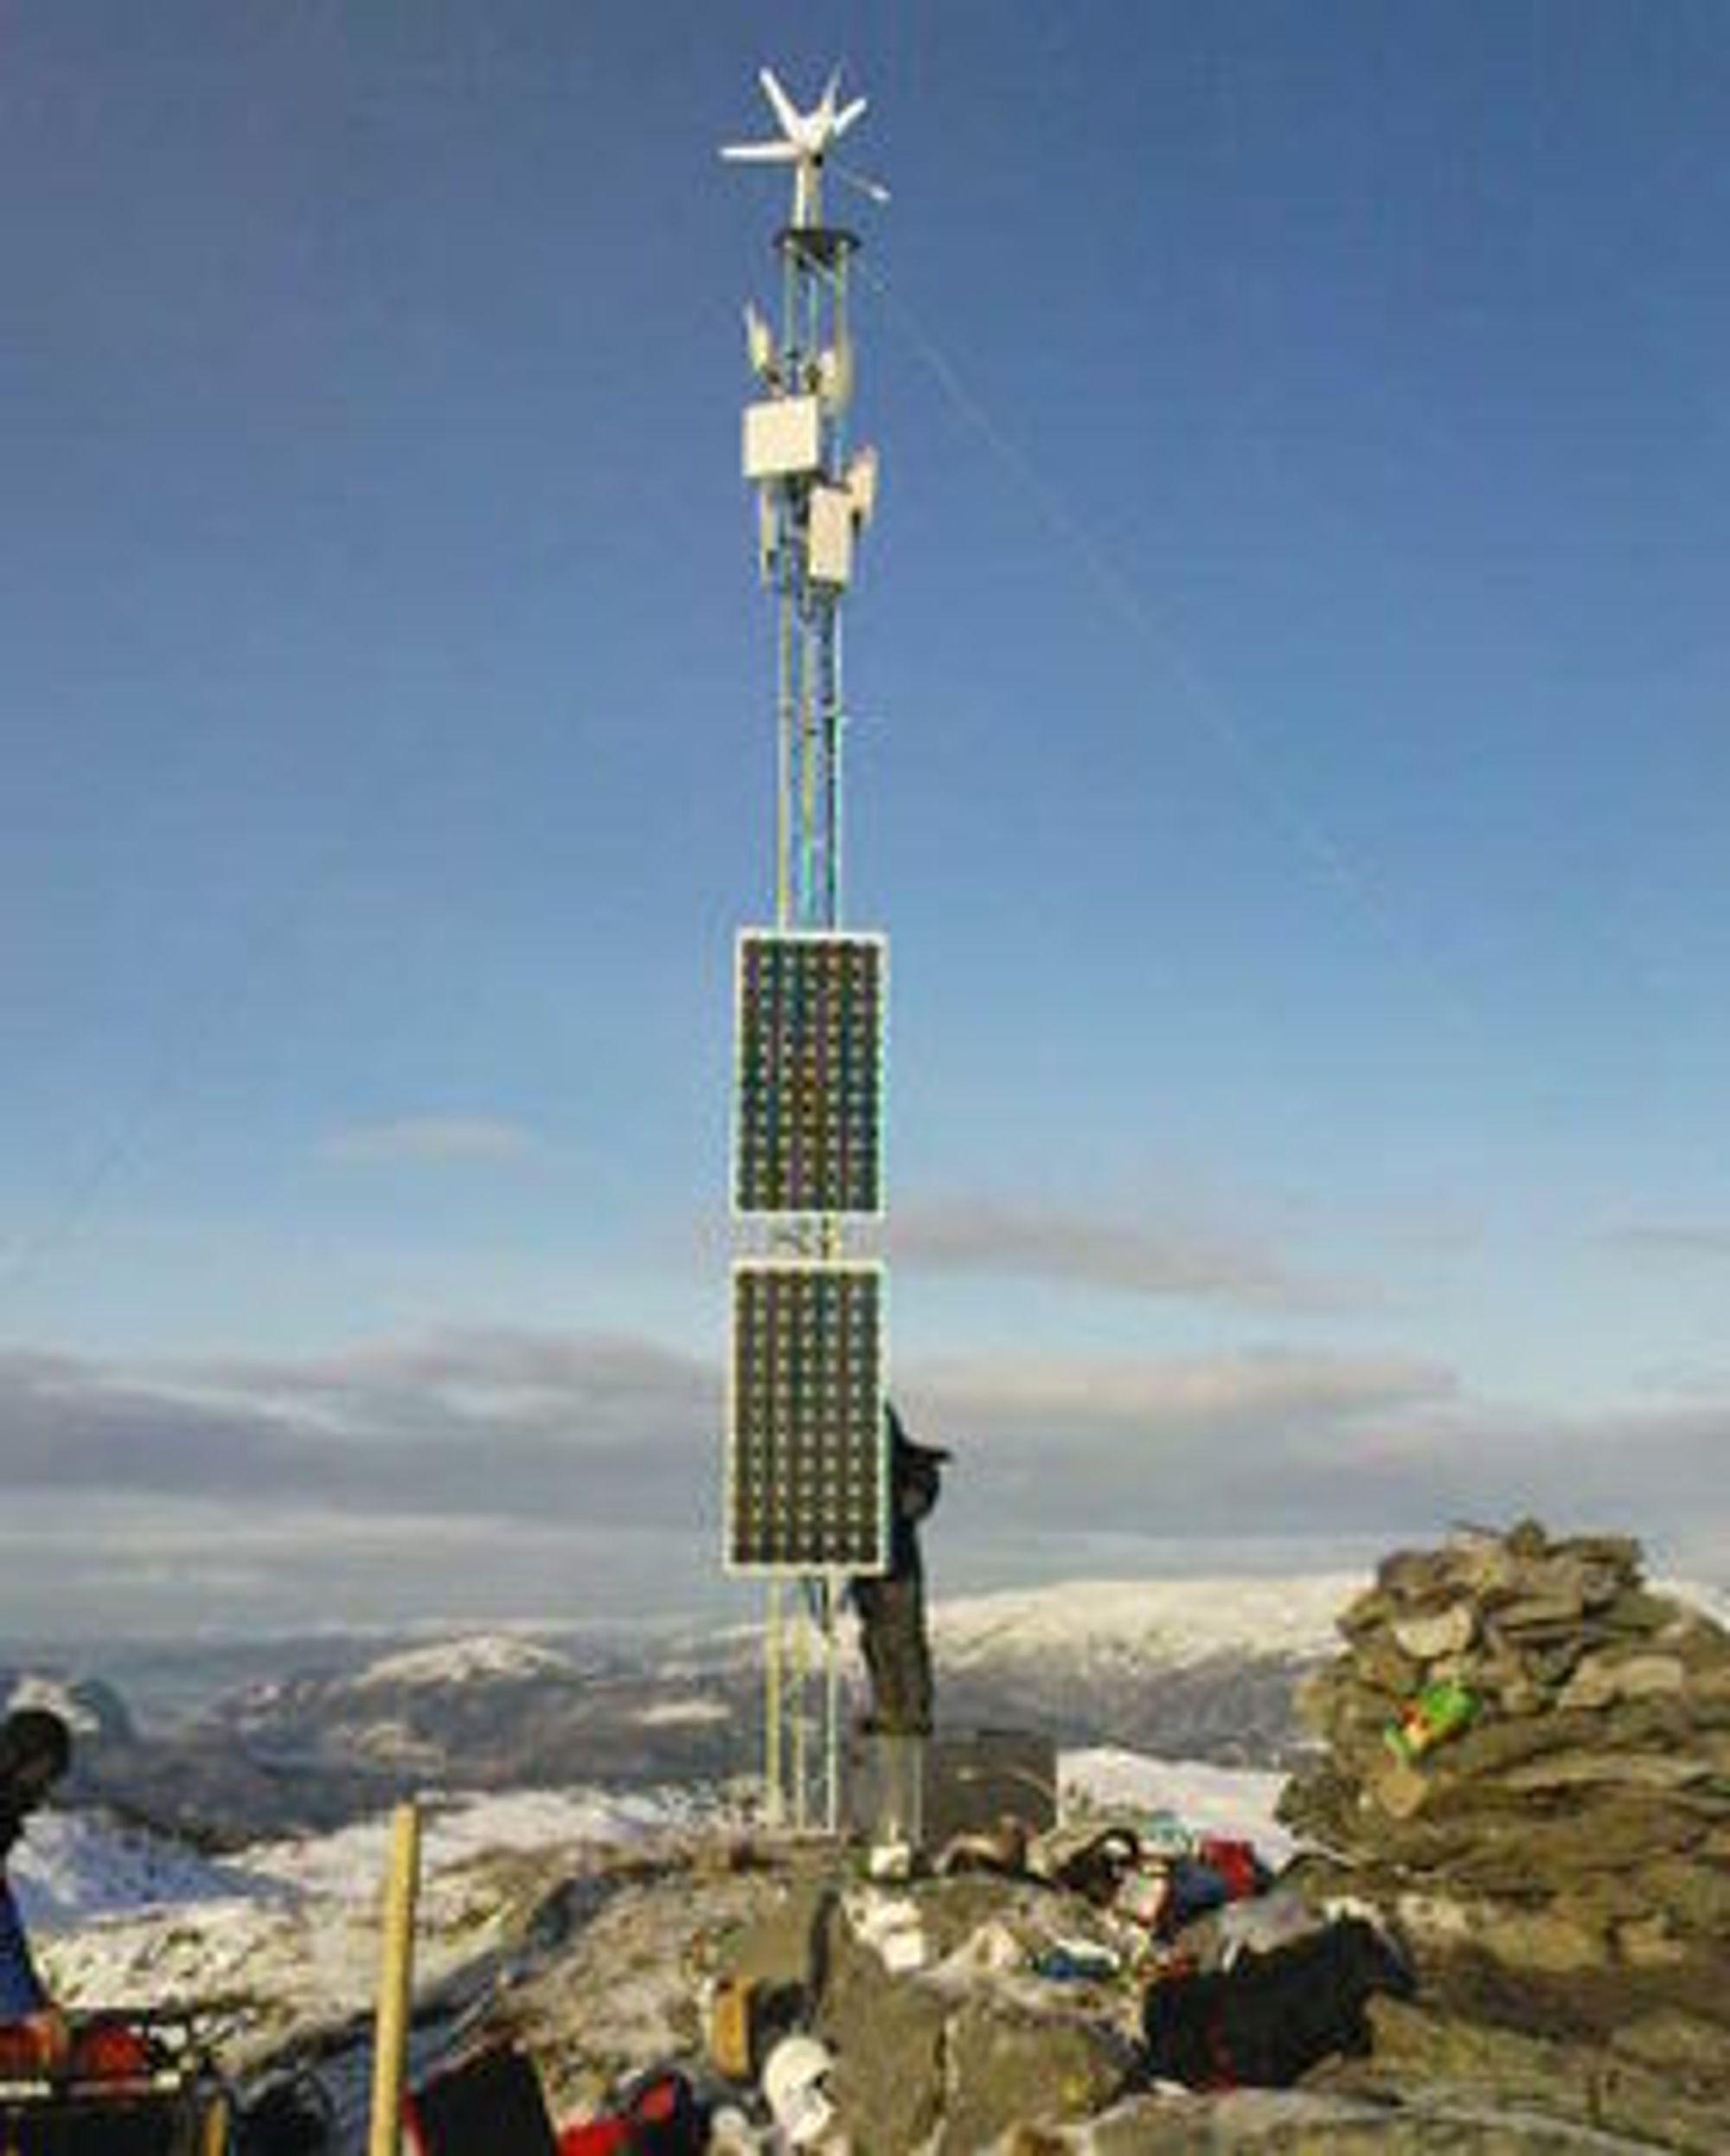 - Vår mast på Tveitafjellet er ganske spektakulær. Det er ikke strømkabler dit, så den drives av solcellepanel og vindmølle, sier Vidar Fineide i Direct Connect.